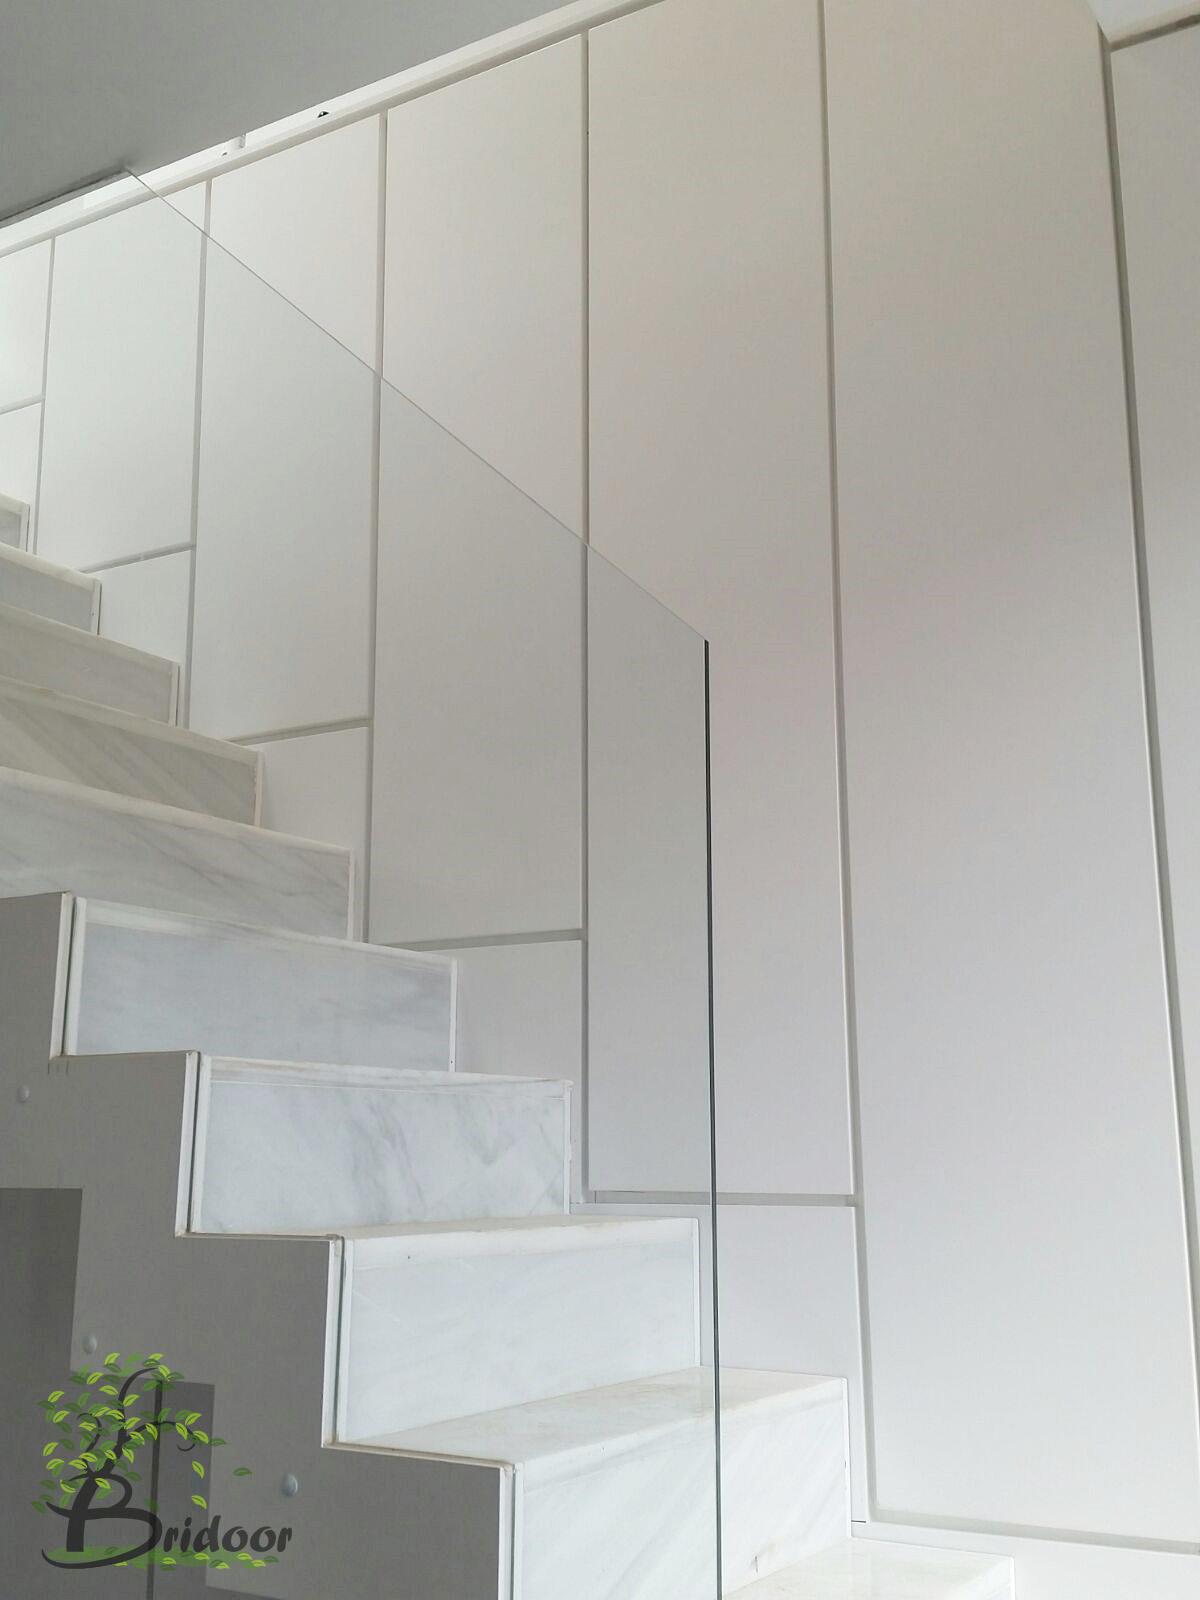 Bridoor s l armario lacado para una escalera de m rmol for Marmol gris veteado